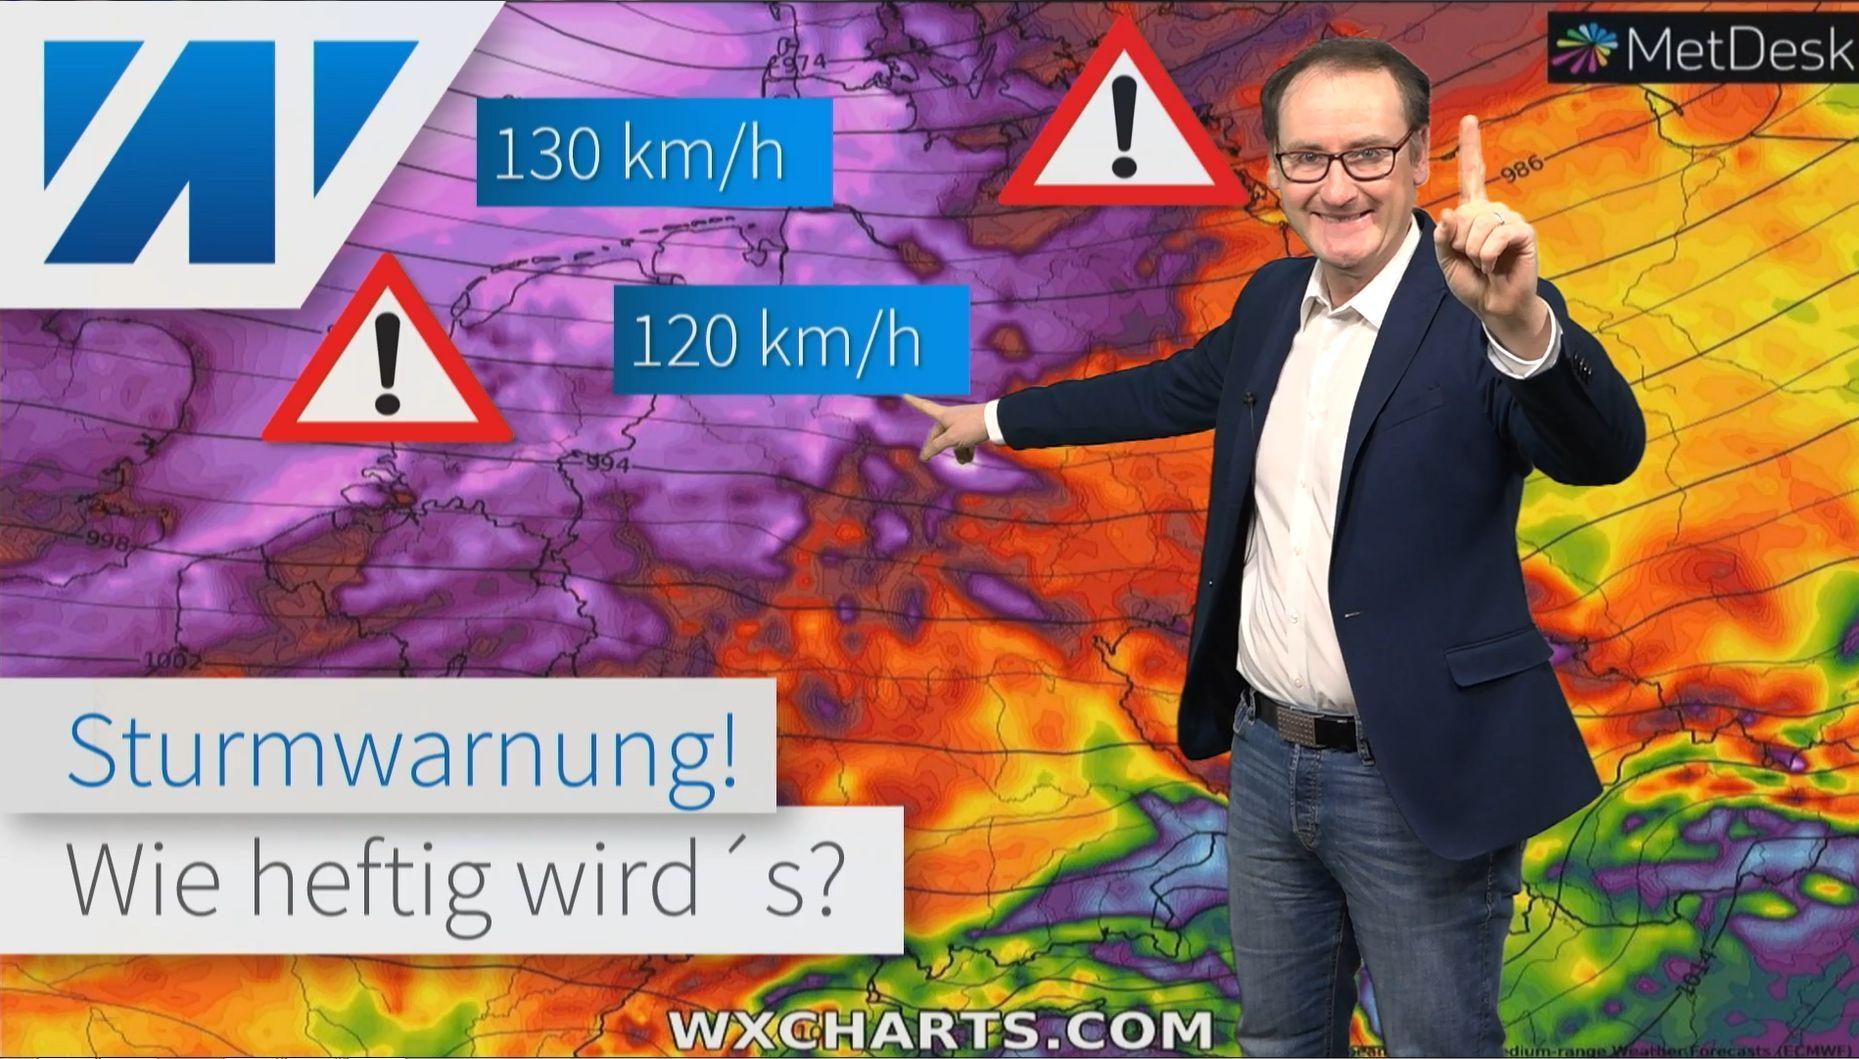 Unwetter durch schweren Sturm! Hier wird es nächste Woche gefährlich!